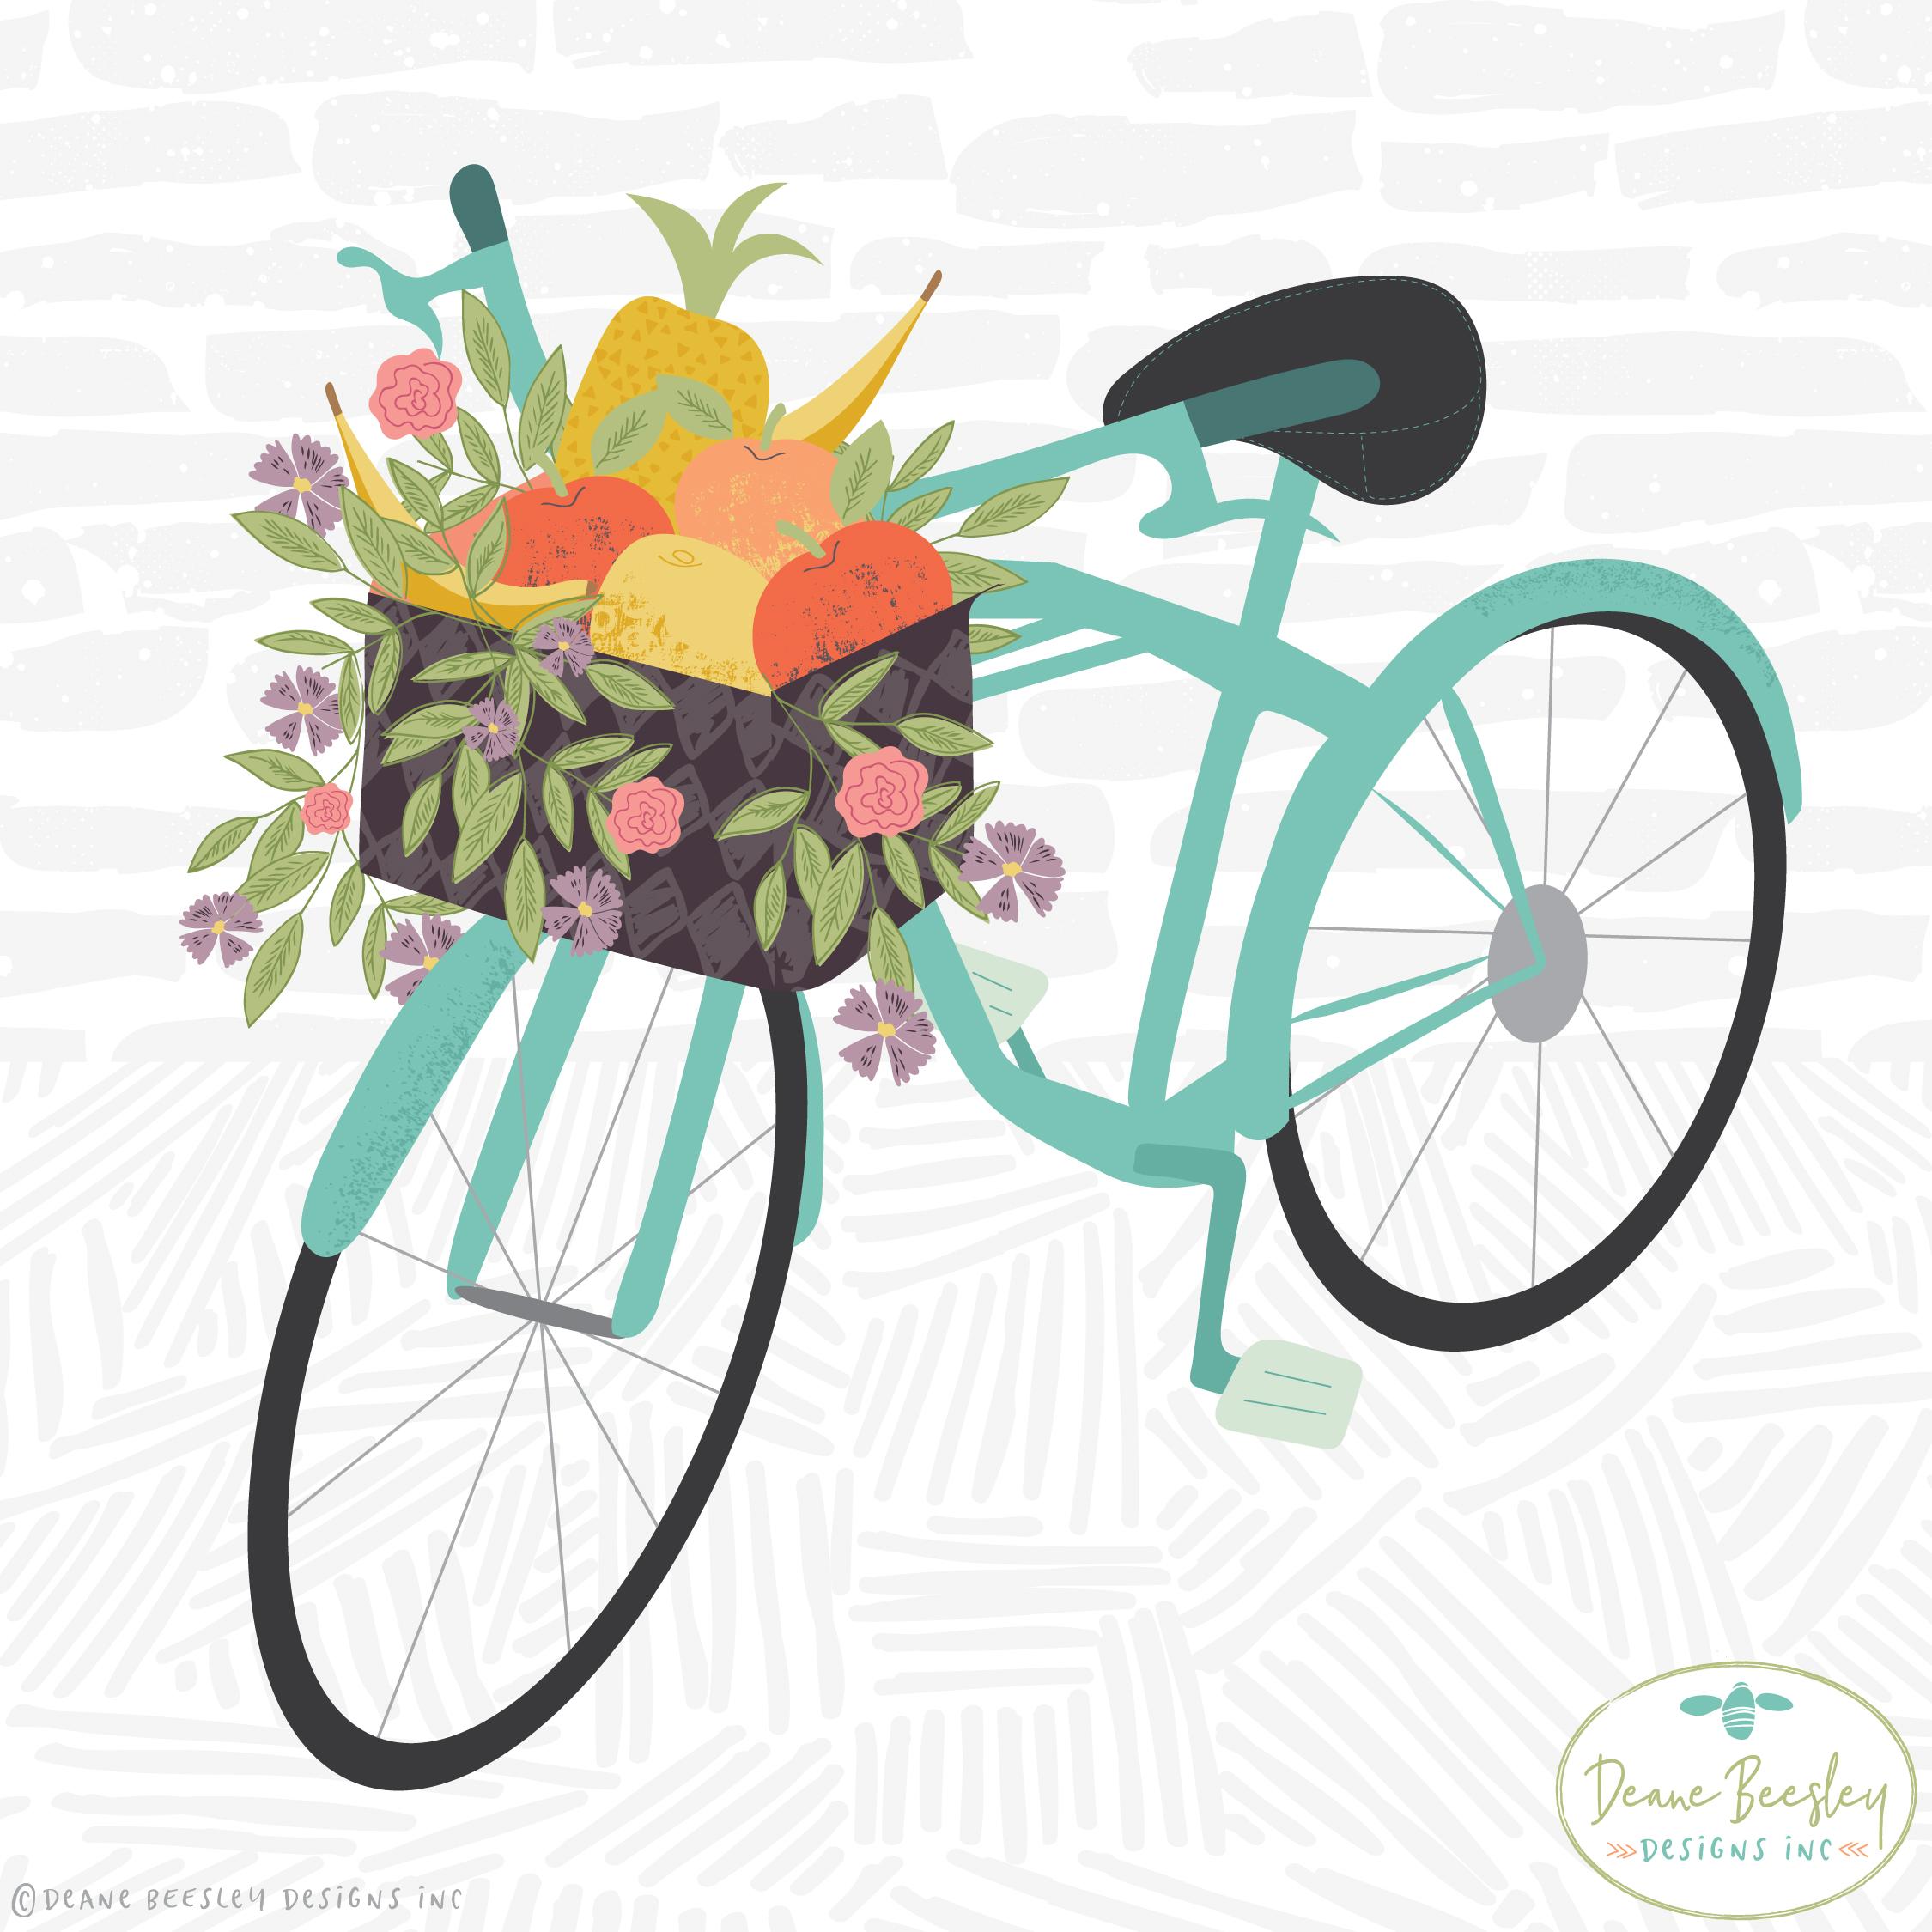 Deane Beesley Designs_Folio Focus Bike.jpg